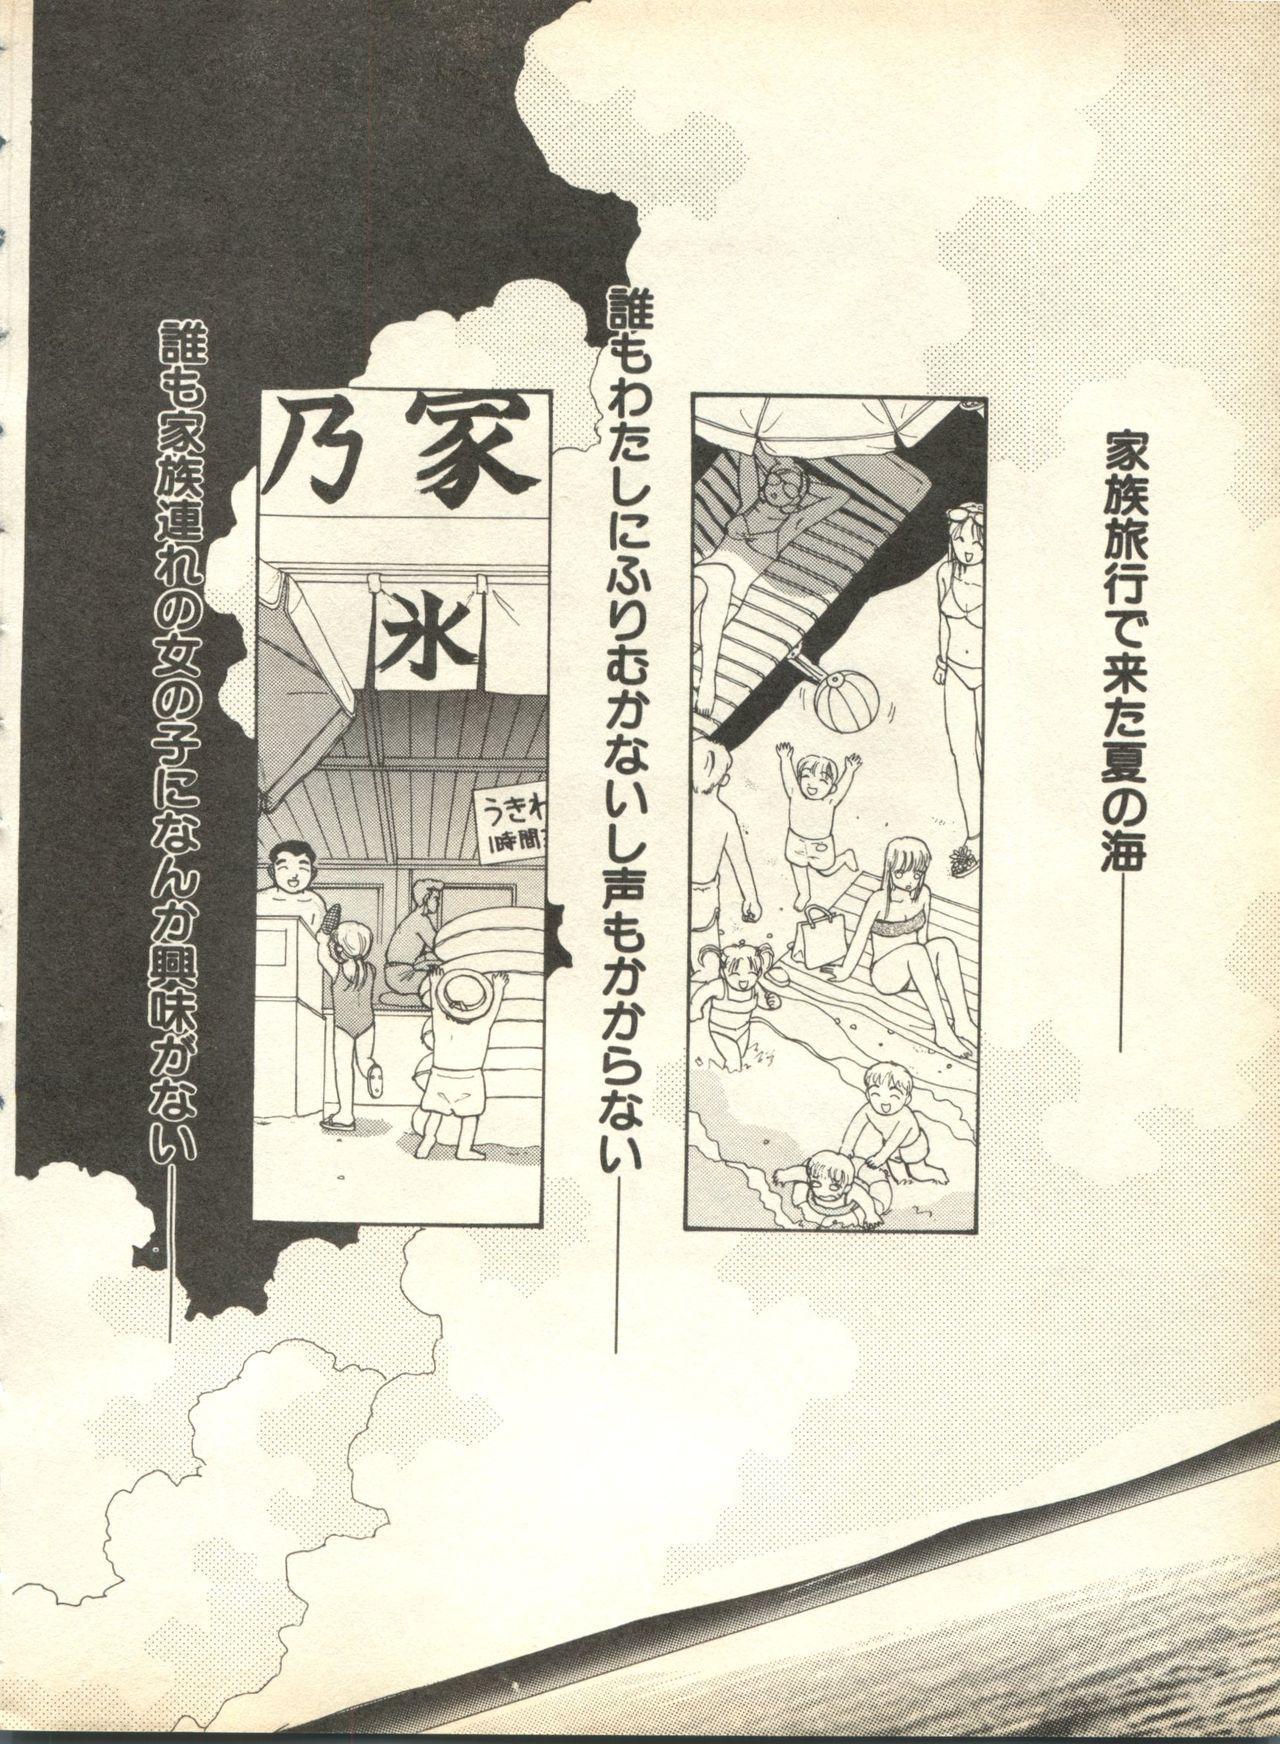 Pai;kuu 1998 October Vol. 13 57